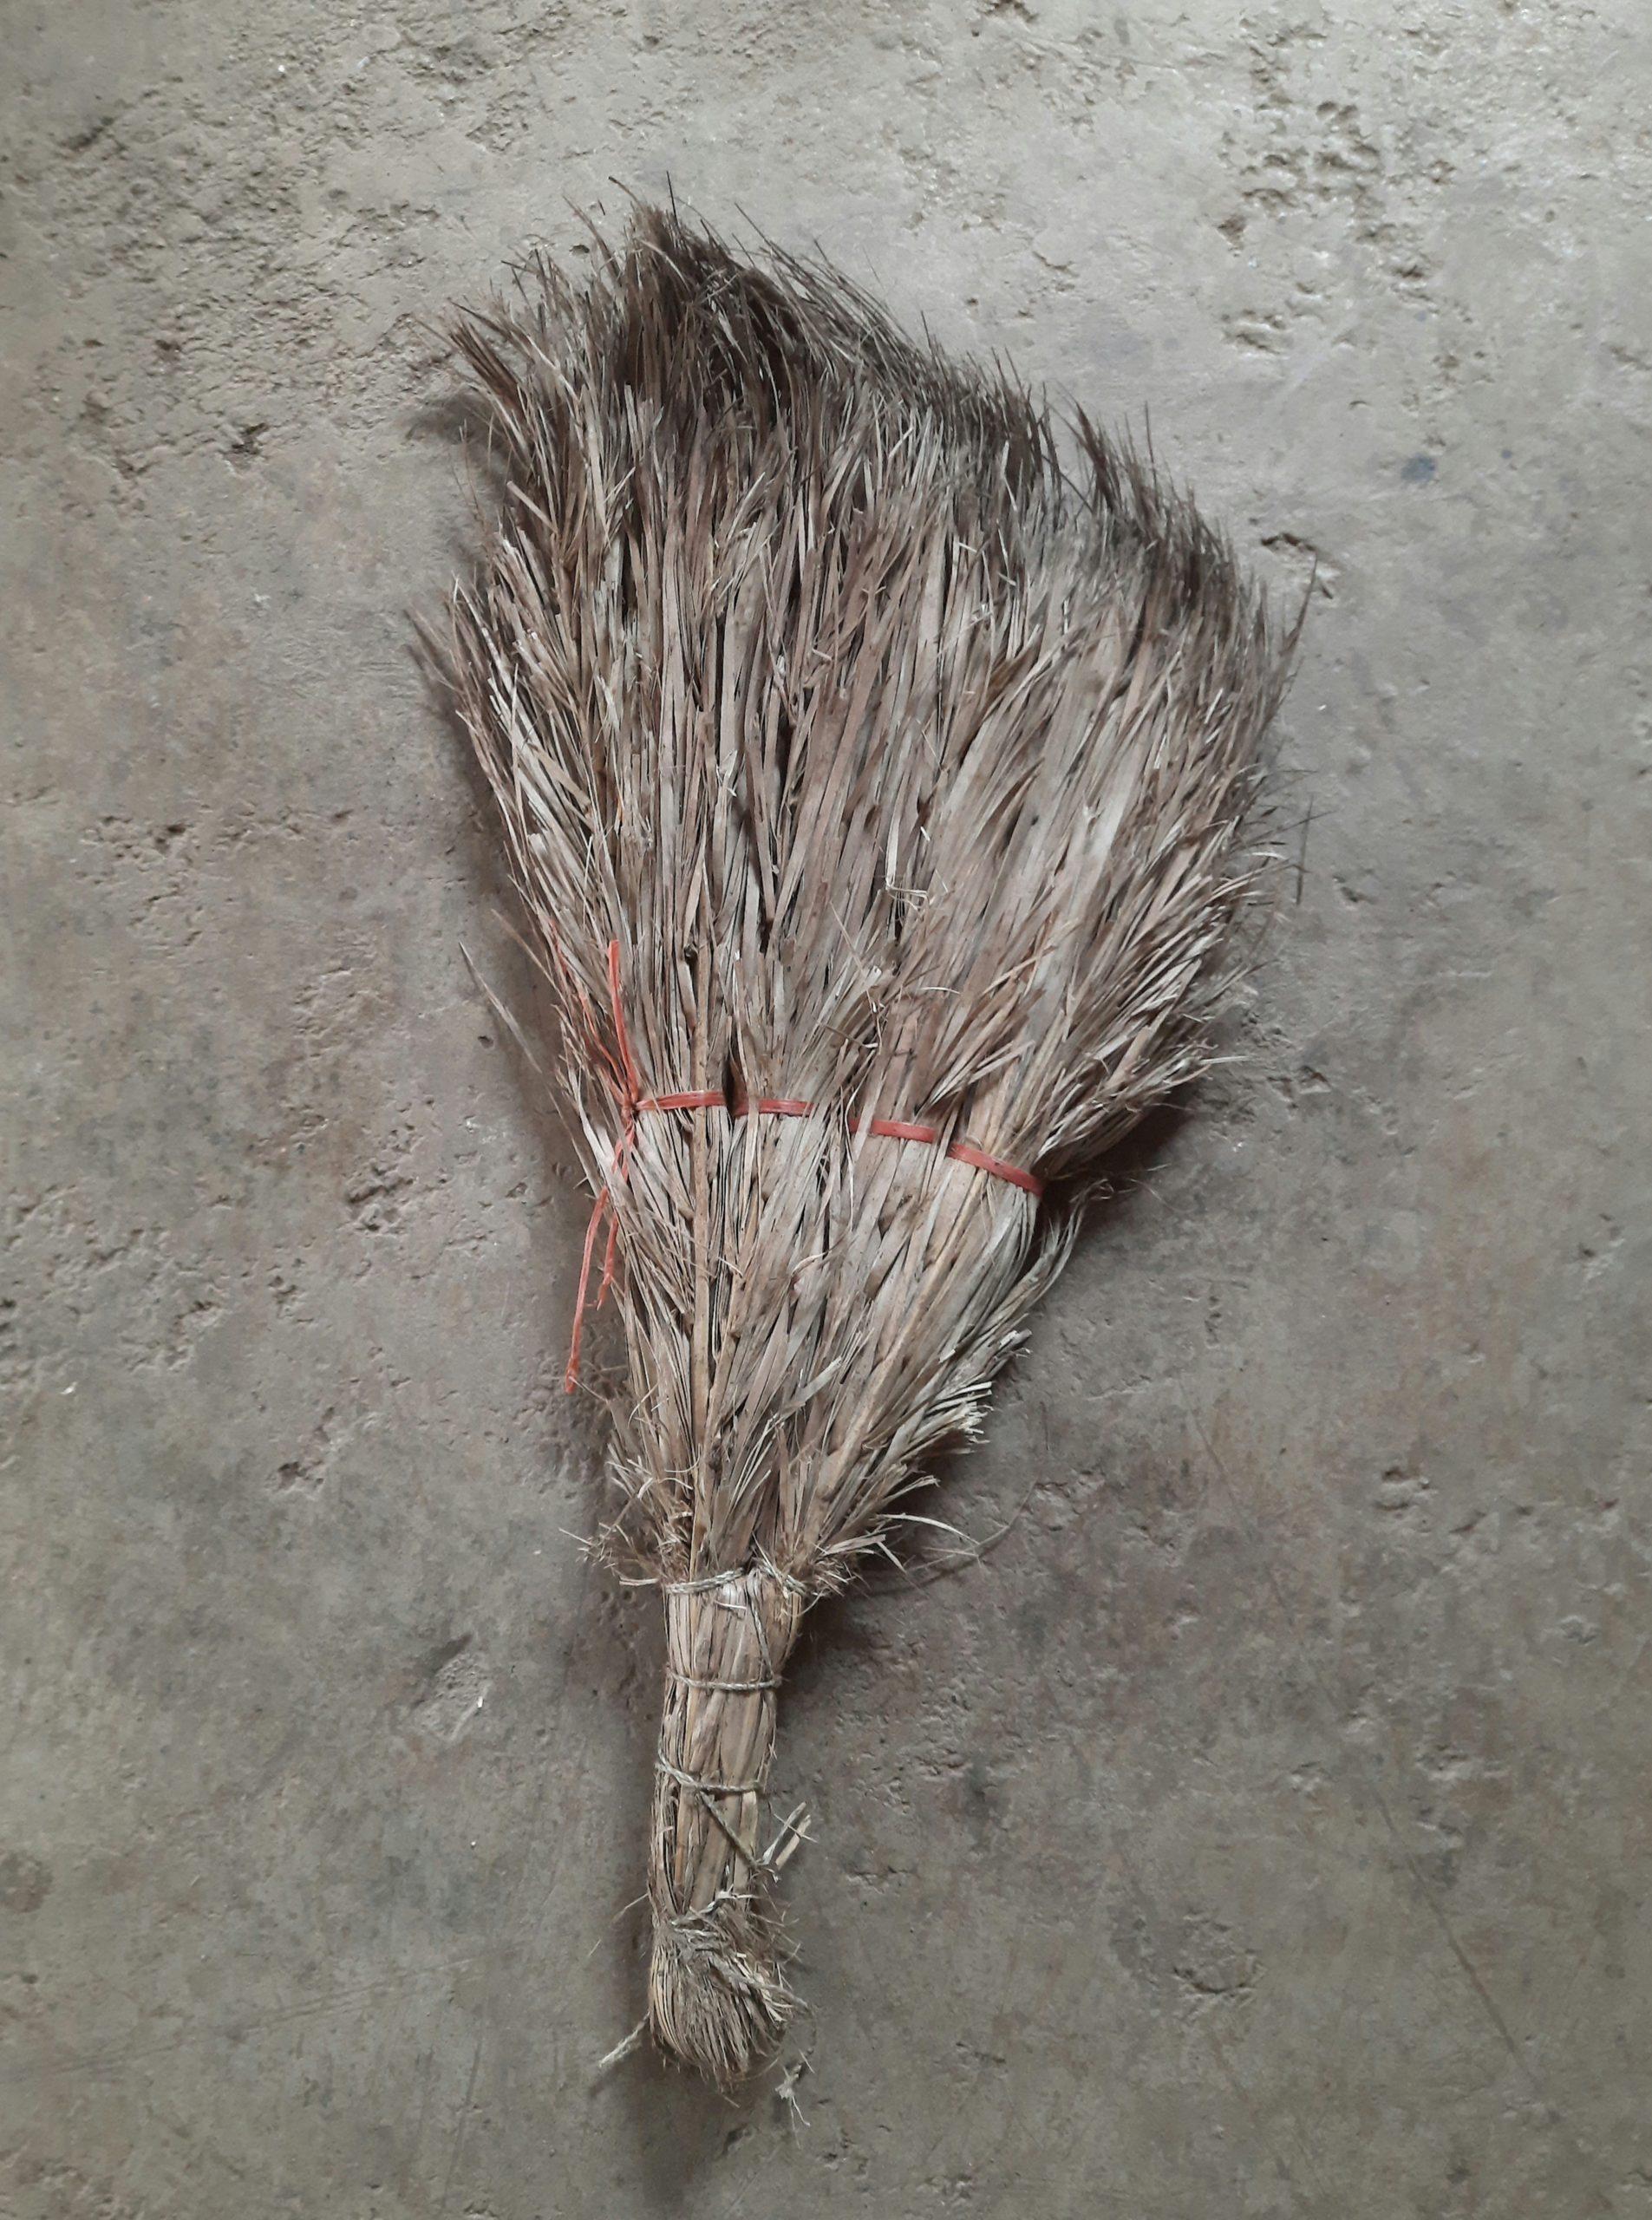 Broom on floor